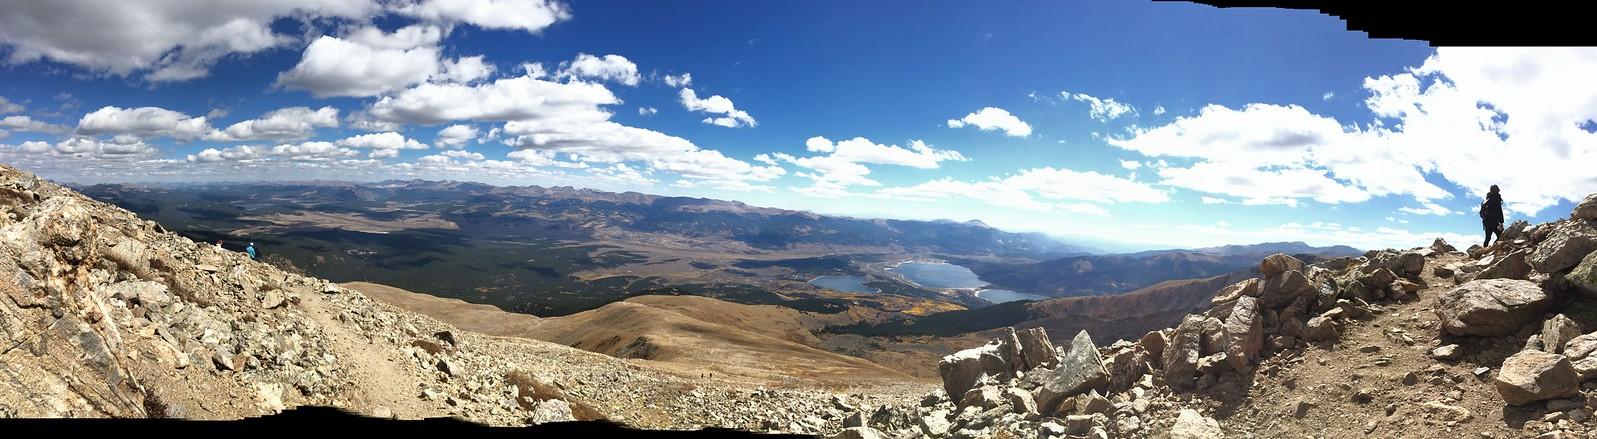 해발 4000m에서 내려다본 풍경